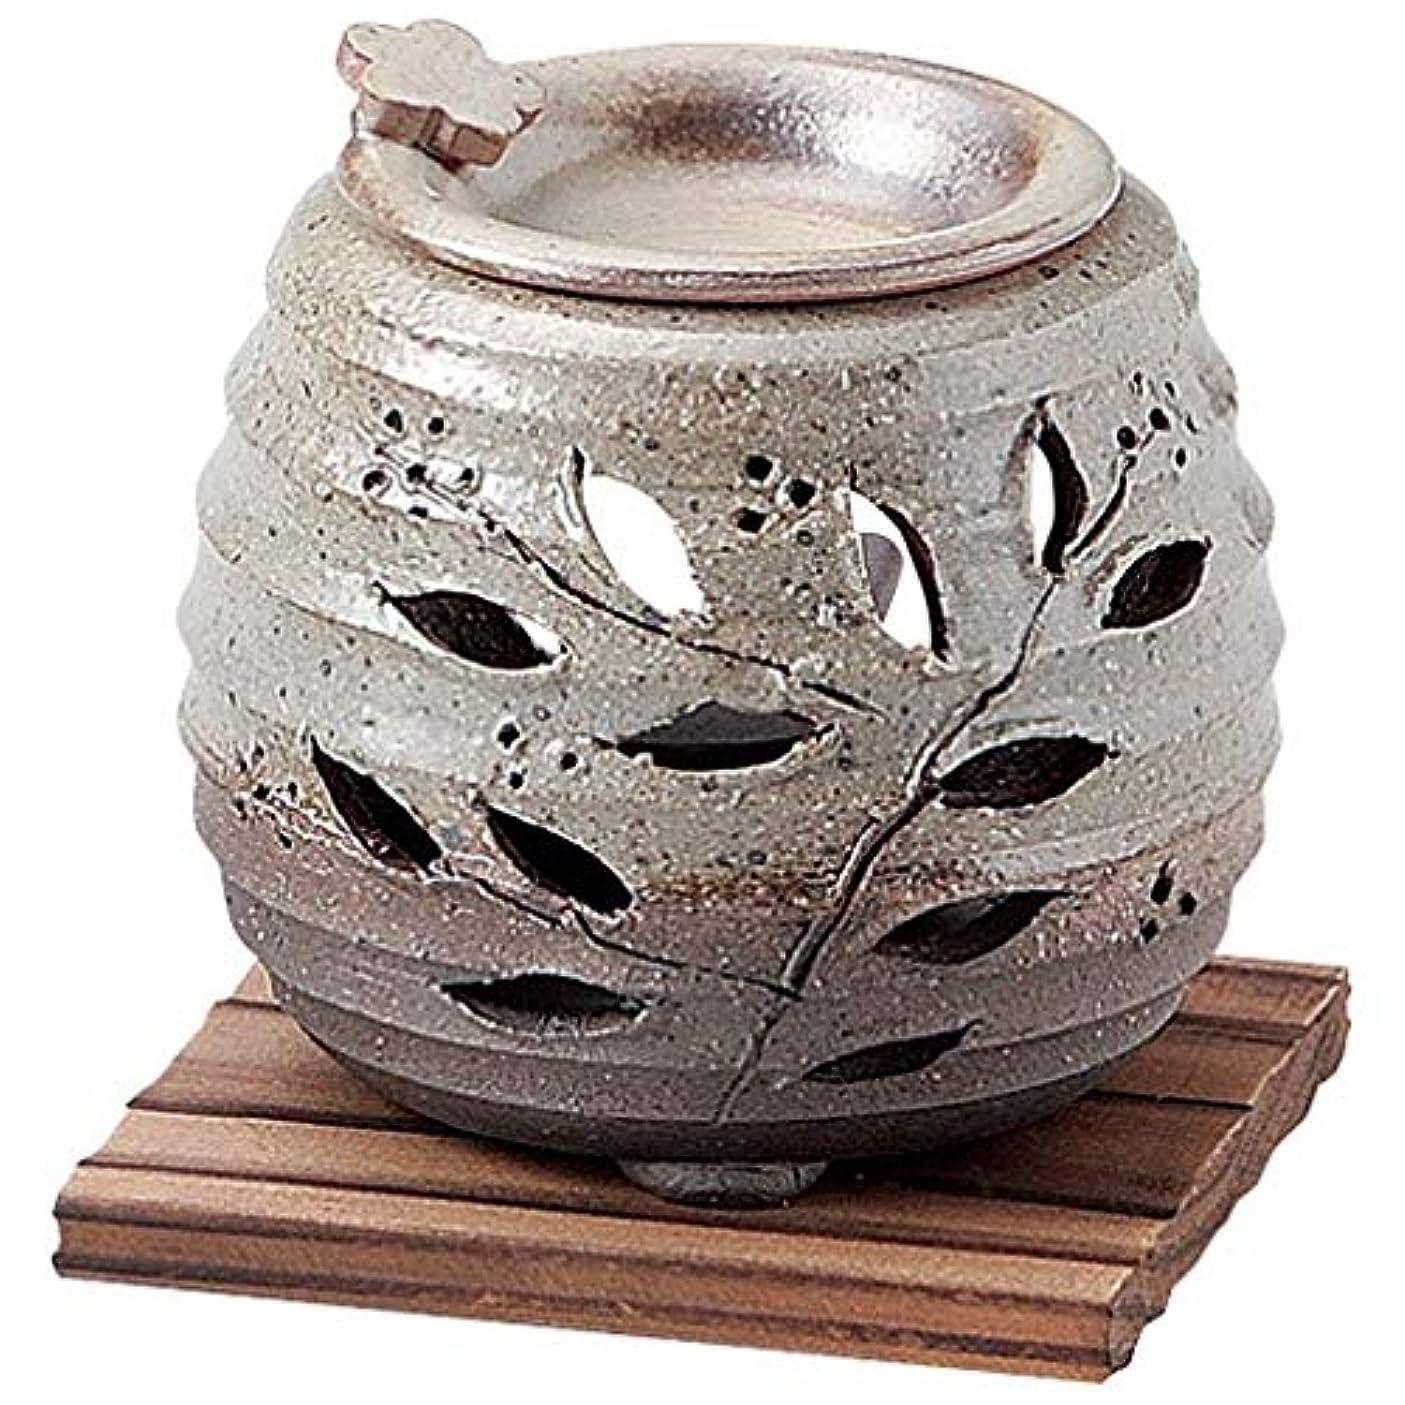 率直な酔って攻撃YI--Y-1619 常滑焼 茶香炉 径11×高さ10.5cm